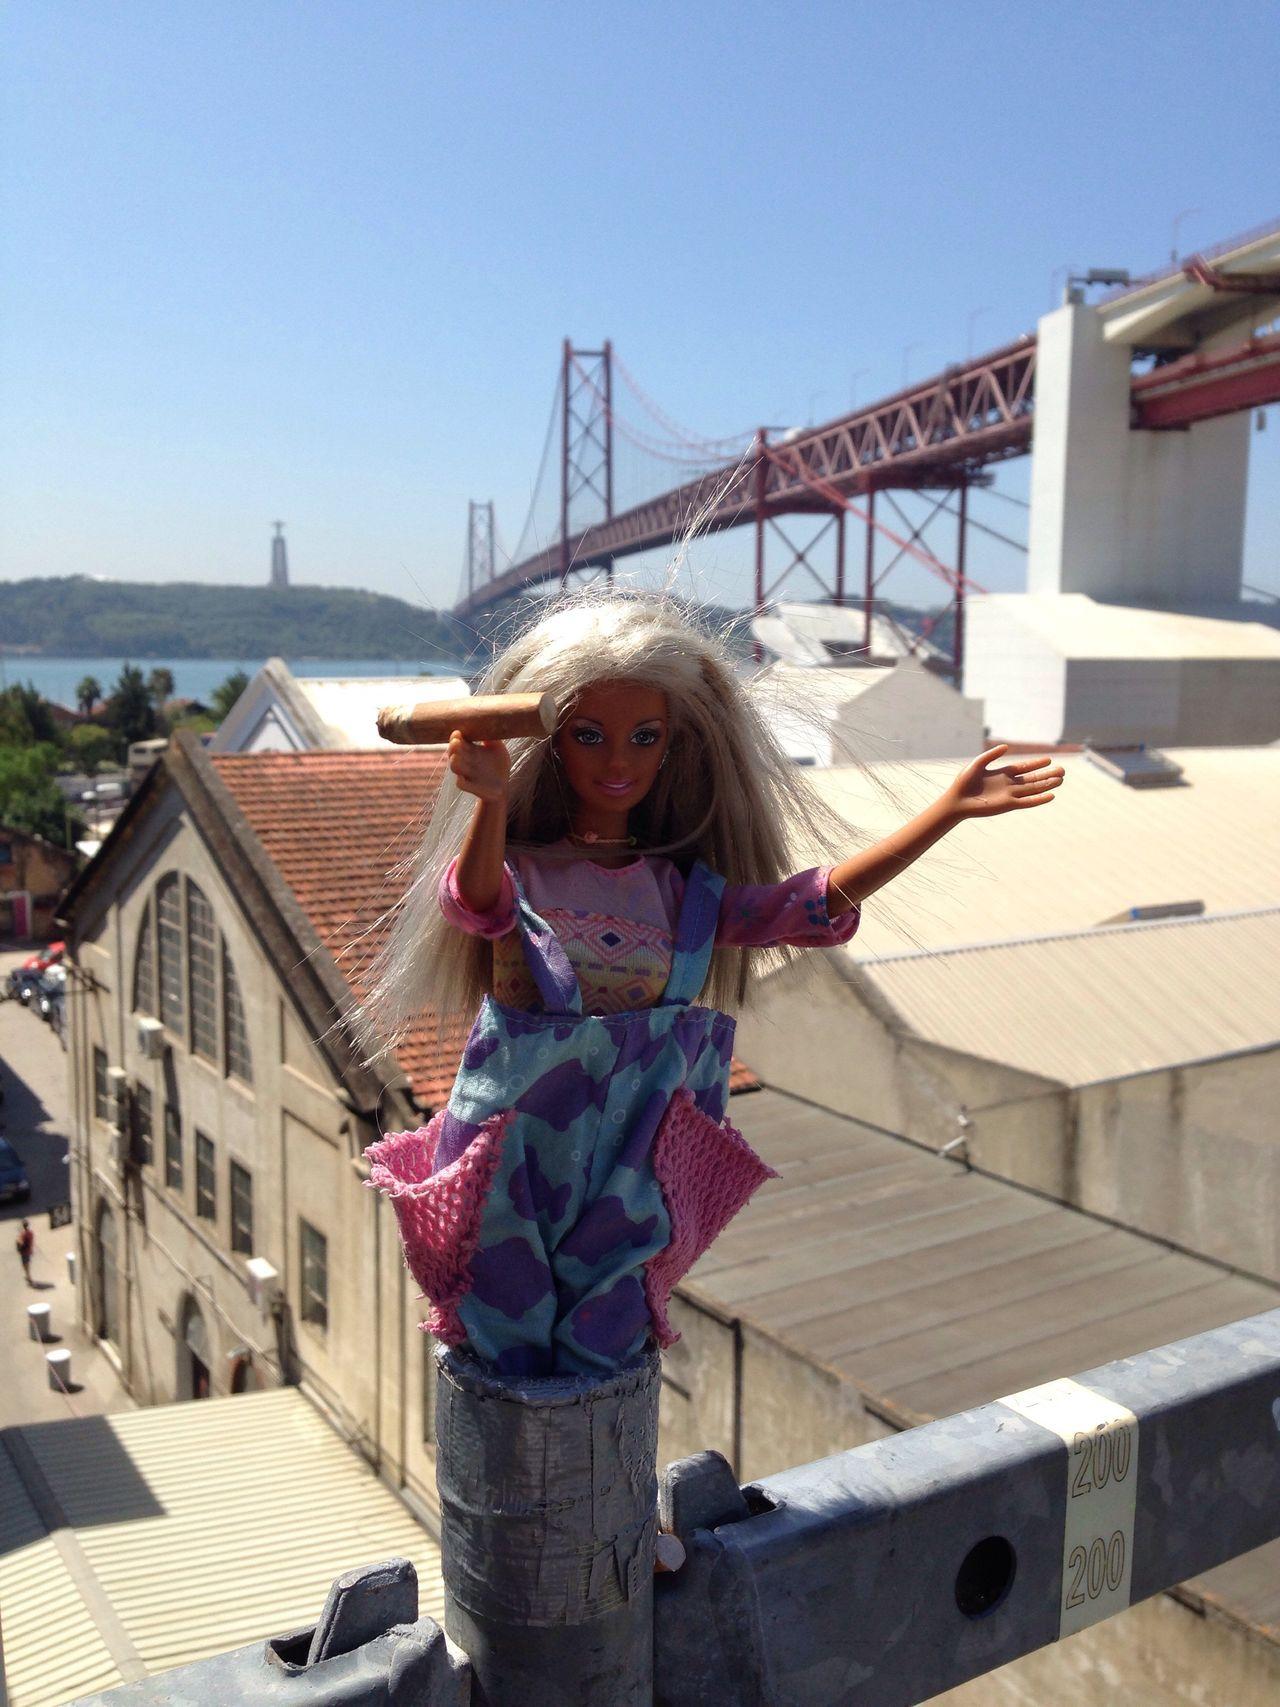 Barbie Cigarette  Art Architecture Day Bridge - Man Made Structure River View Clear Sky Sky Lisboa Lx Factory Built Structure Building Exterior Bizarre Art